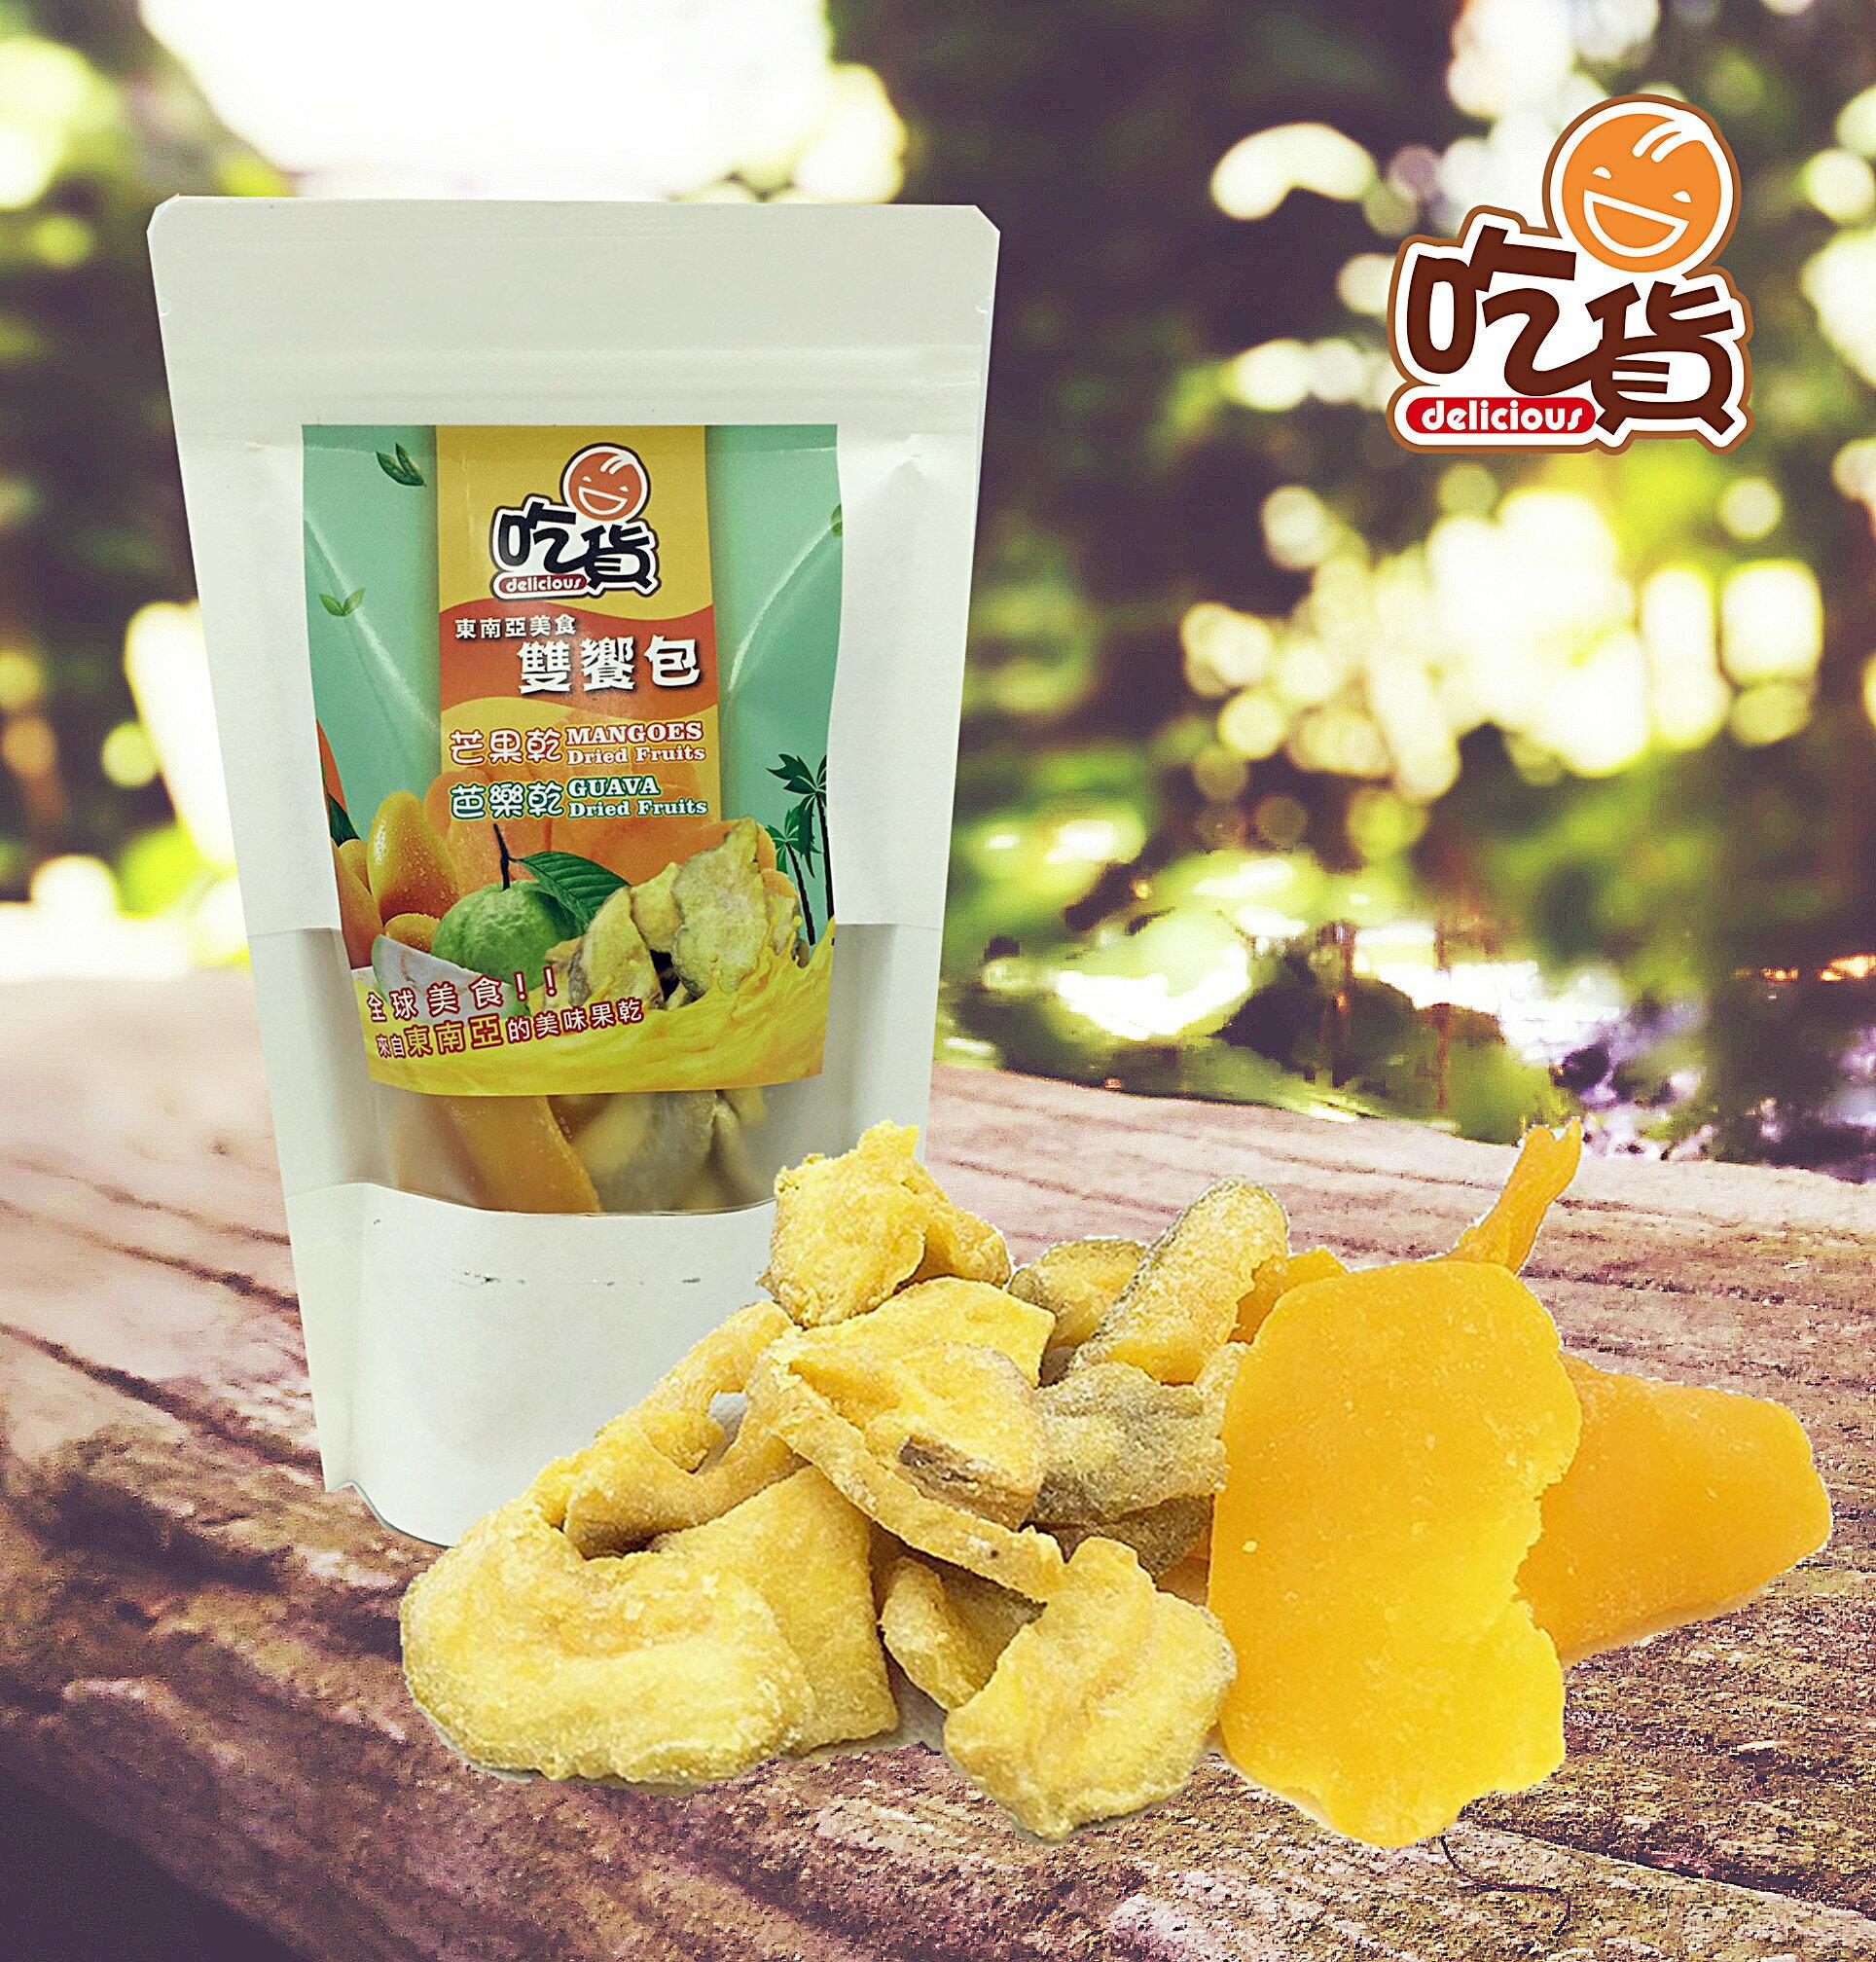 【夯貨 】吃貨-東南亞美食雙饗包(芒果乾 芭樂乾) 二姐特色 【TAI二姐國際 】